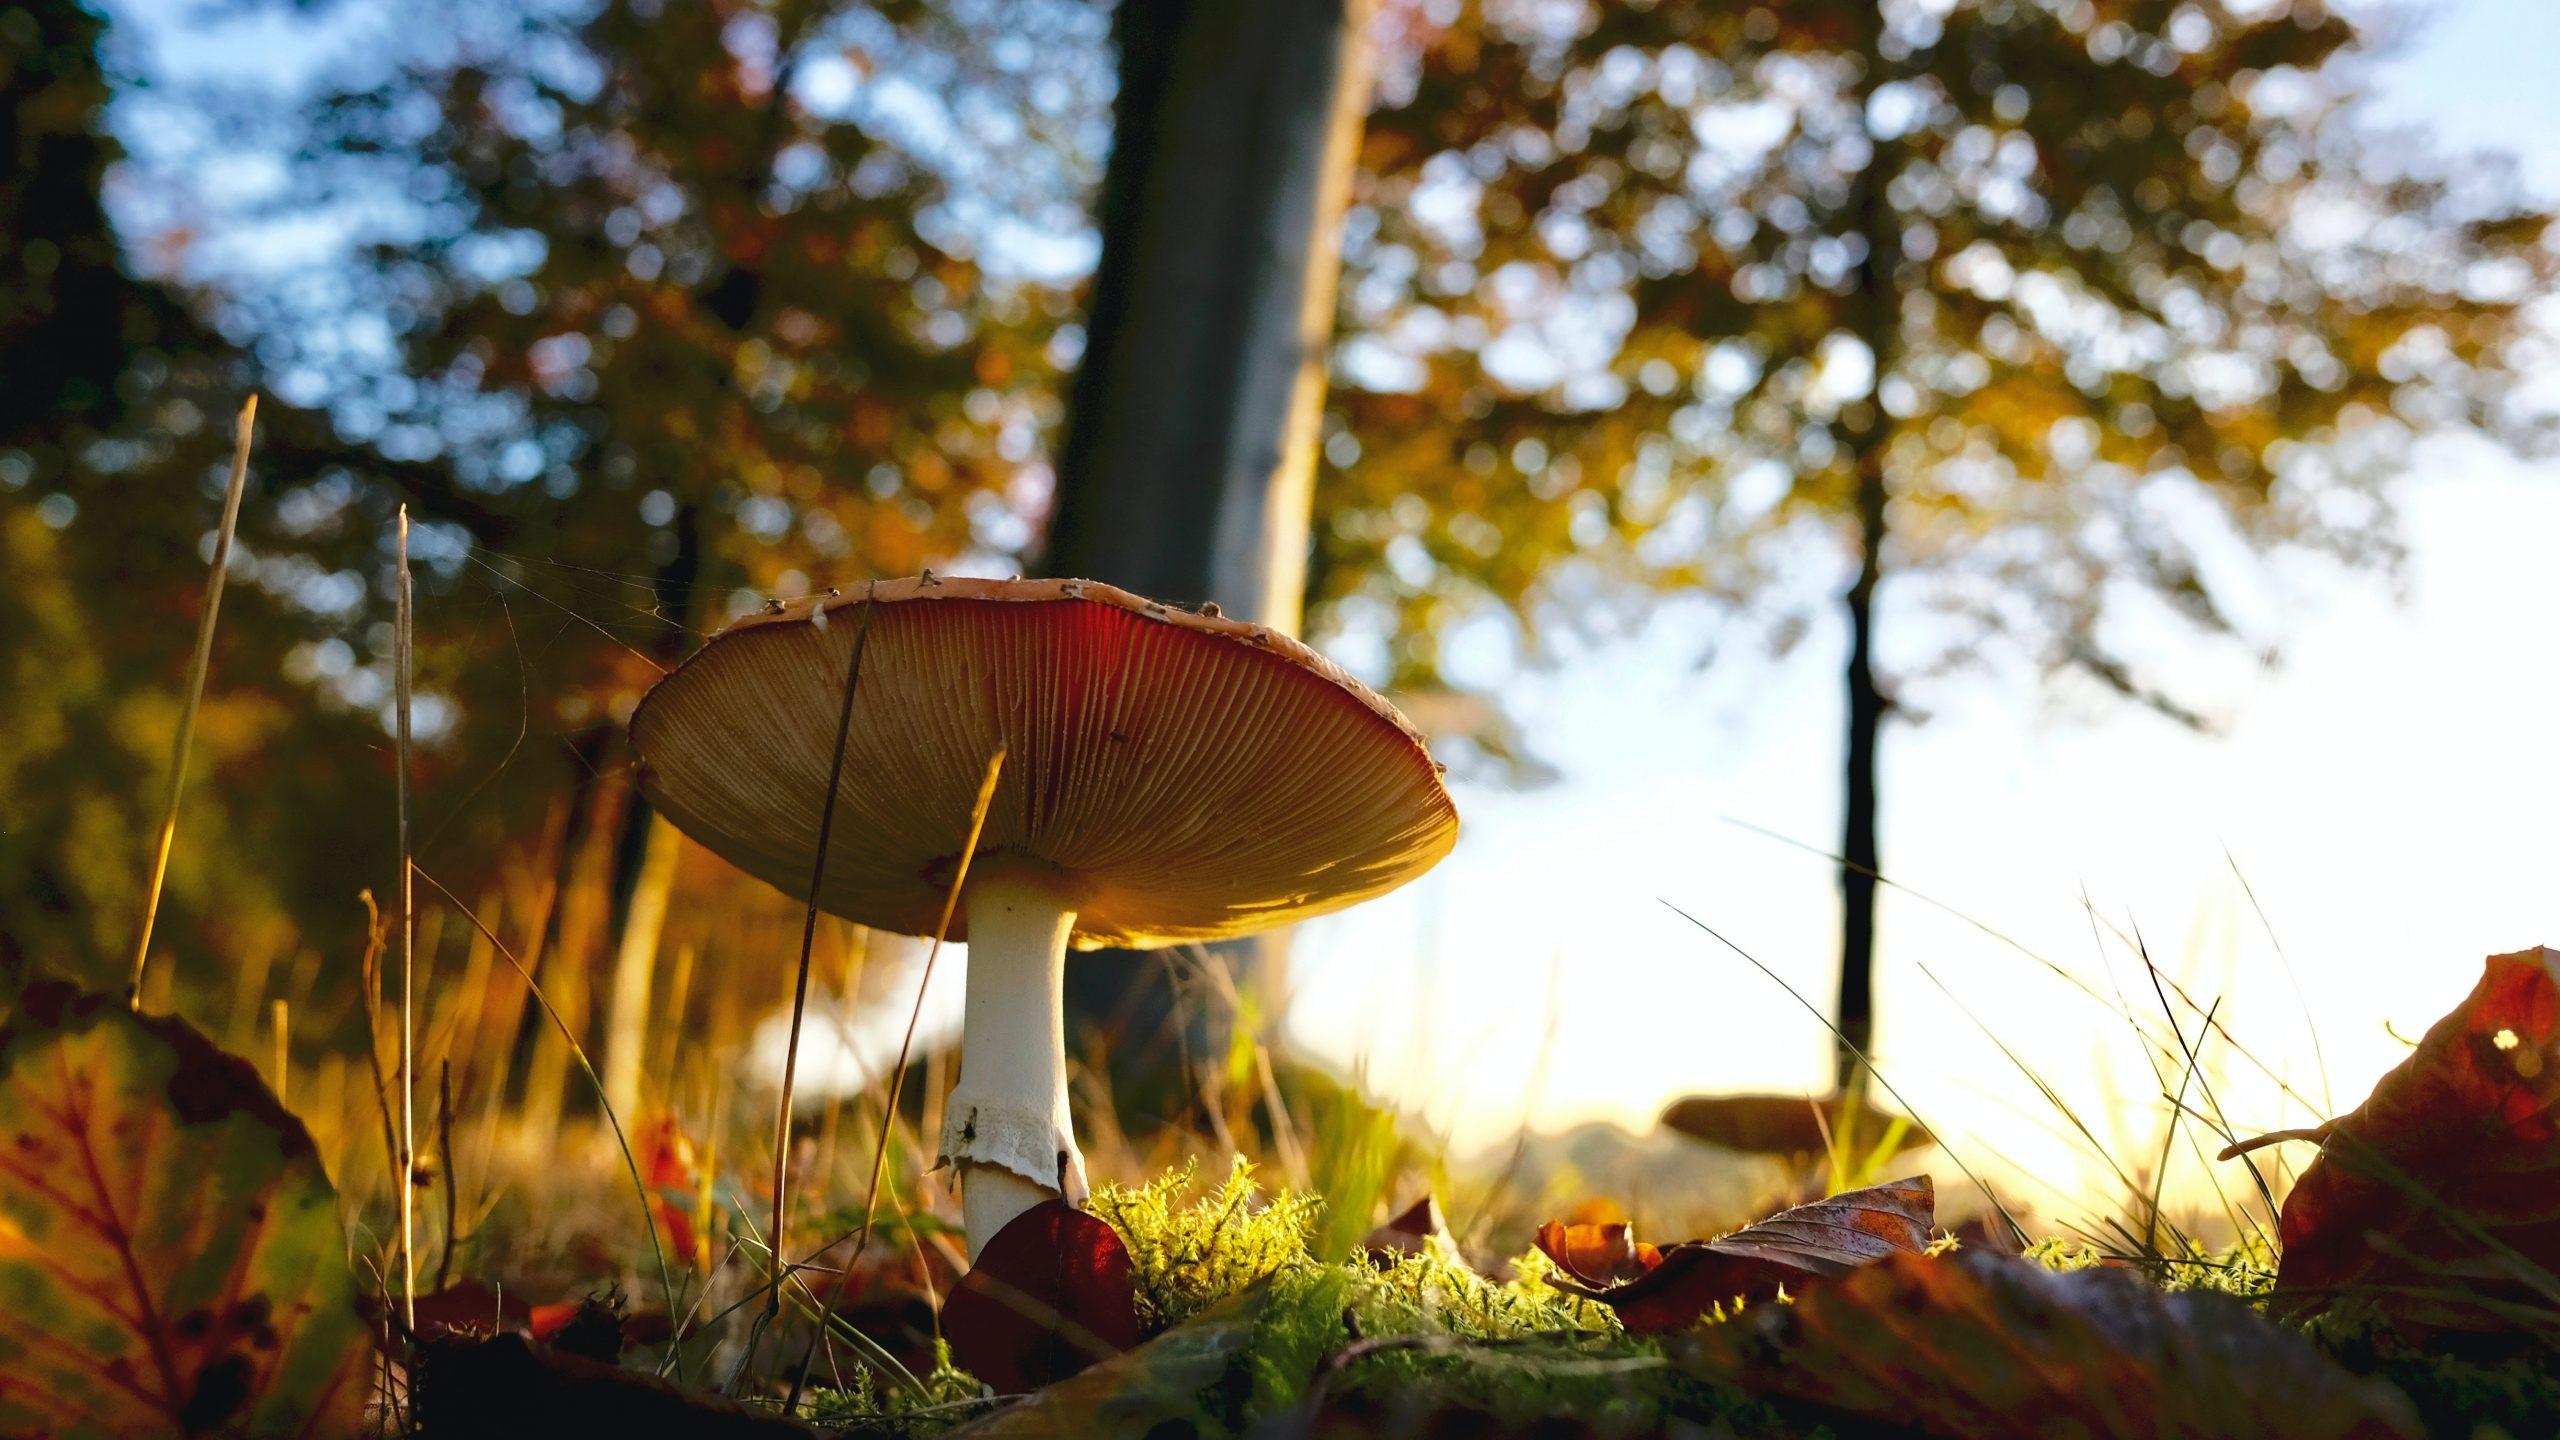 Plant-Based Meat Is Being Made Of Mushroom Varieties